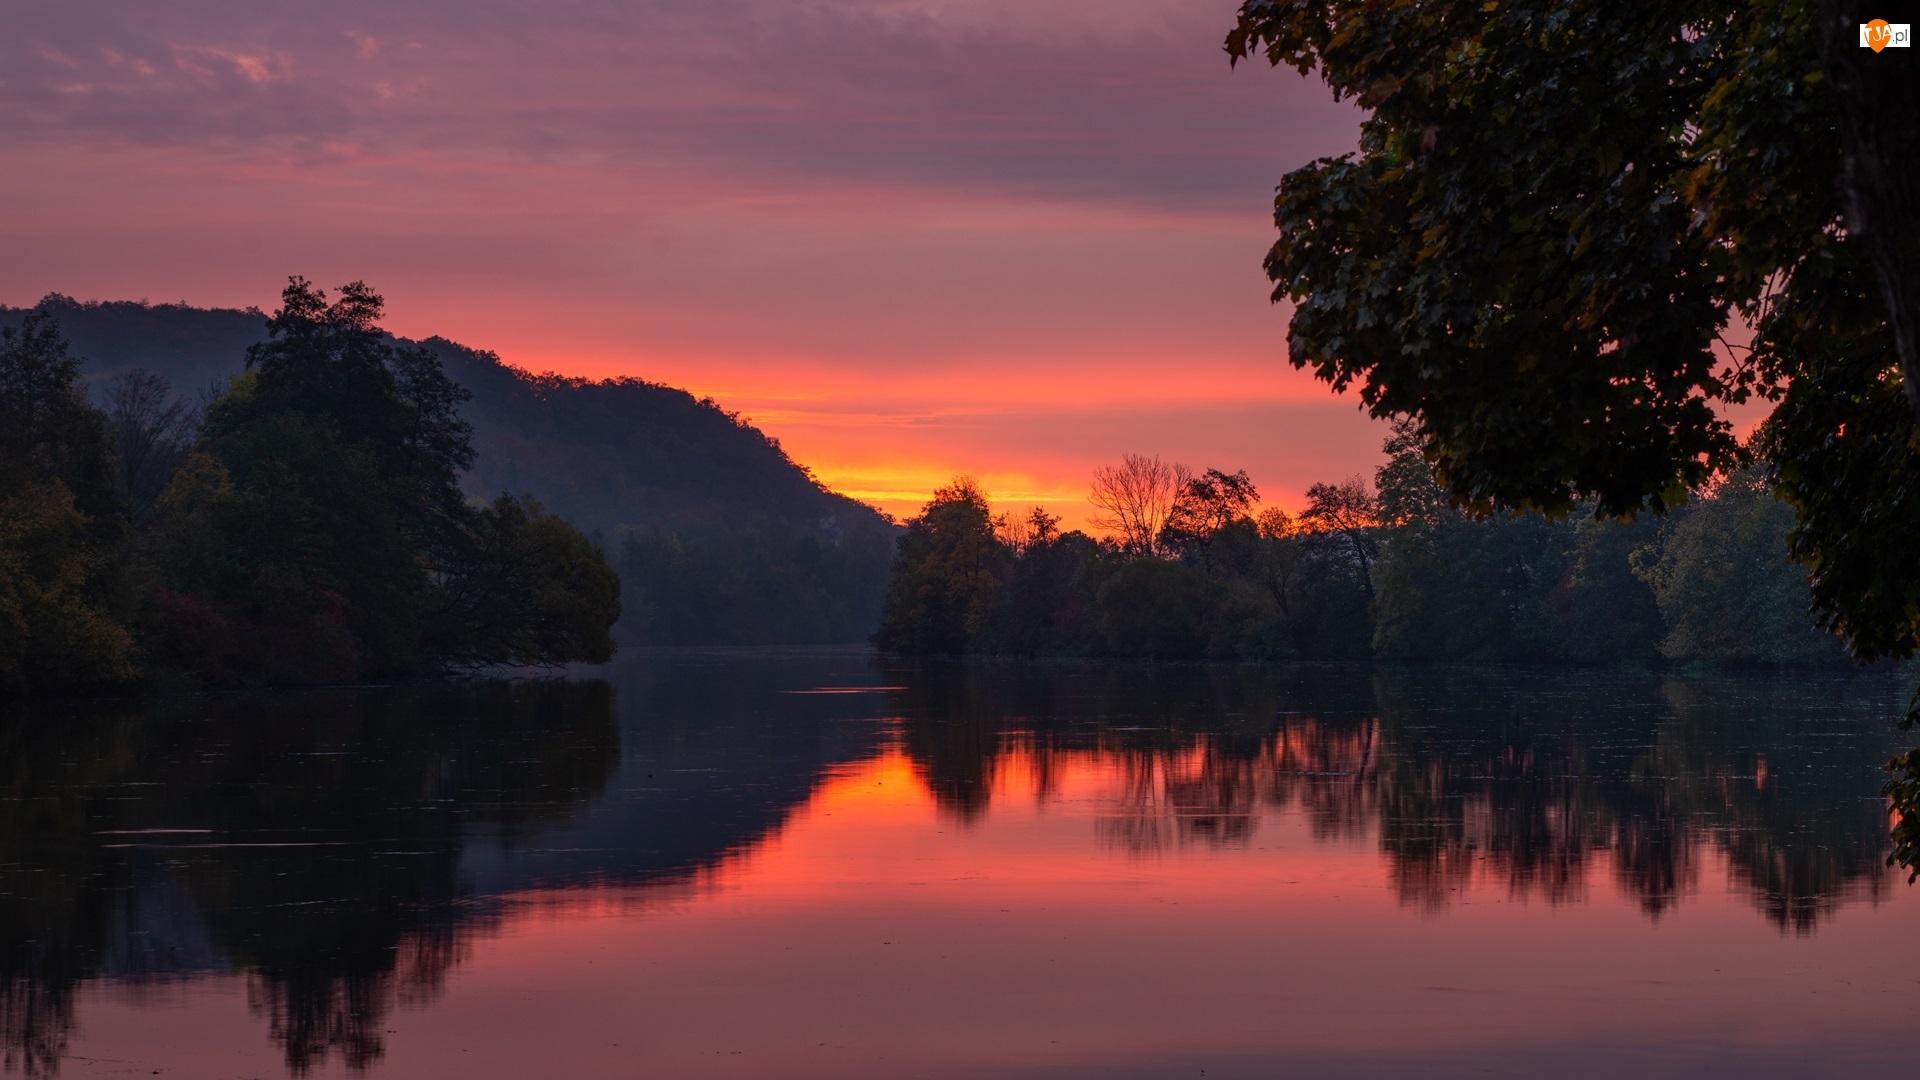 Zachód słońca, Niebo, Drzewa, Jezioro, Czerwone